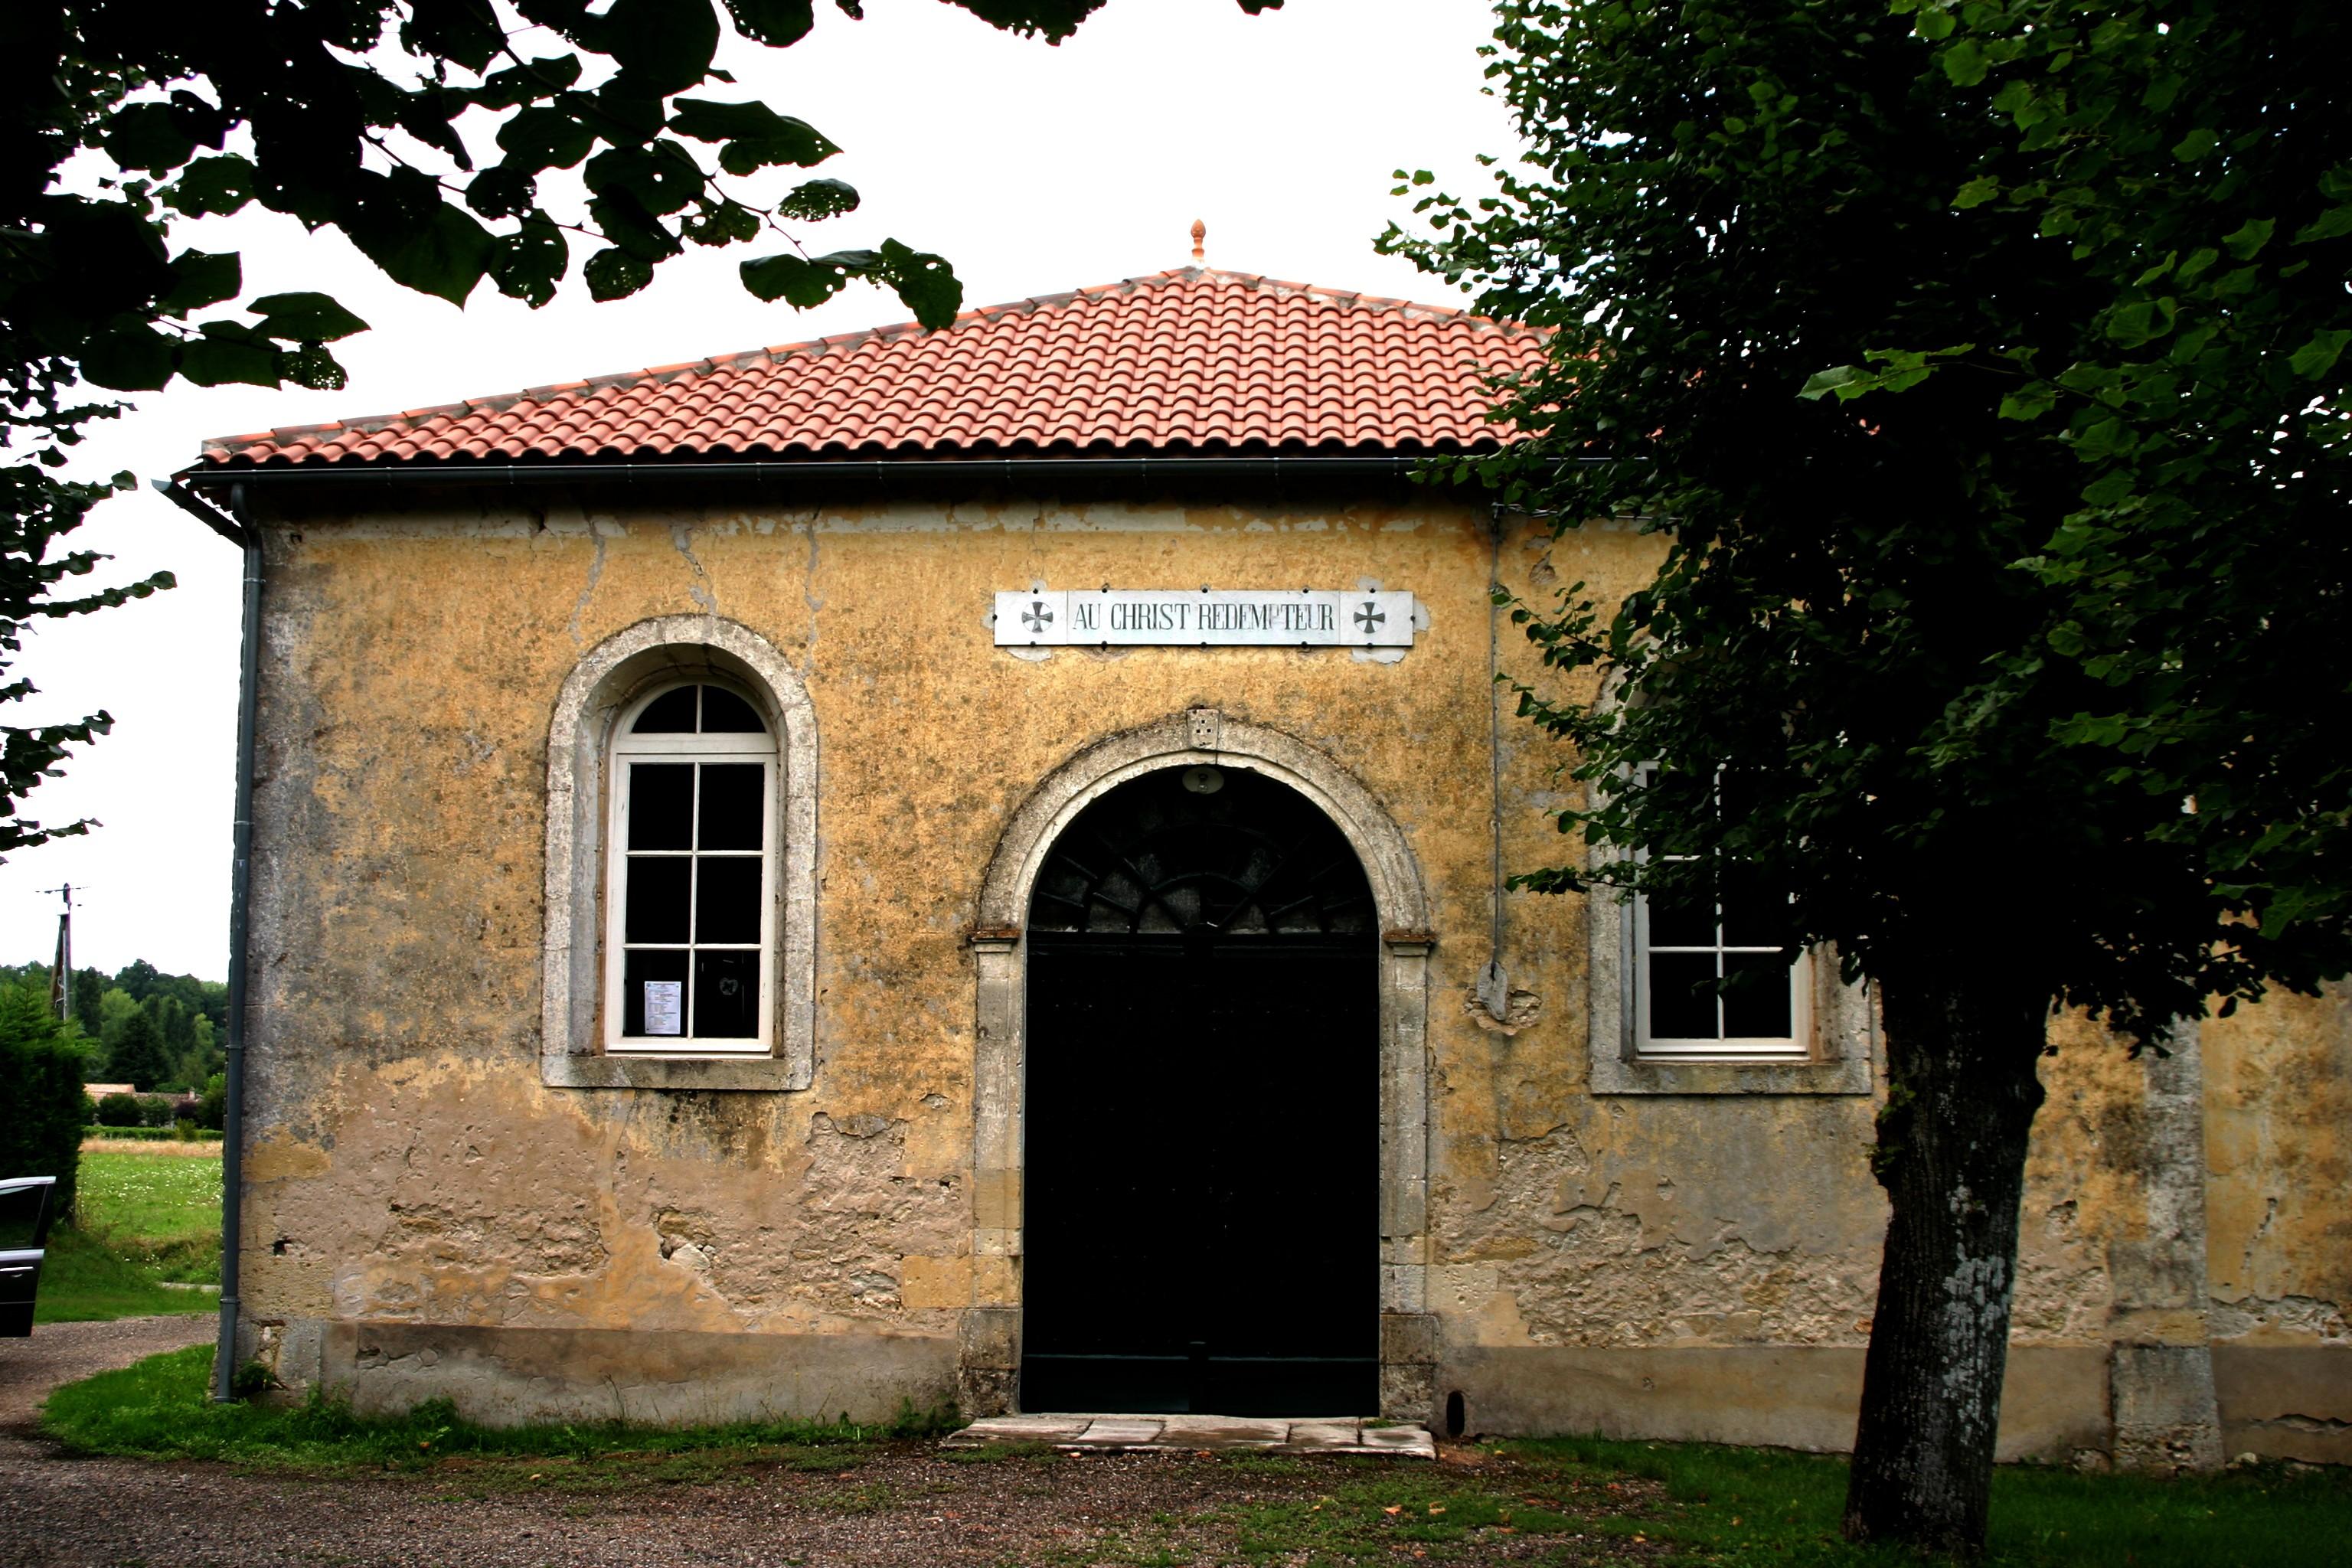 24230 - EGLISE PROTESTANTE UNIE DE MONTCARET dans 24-Dordogne templedemontcaret